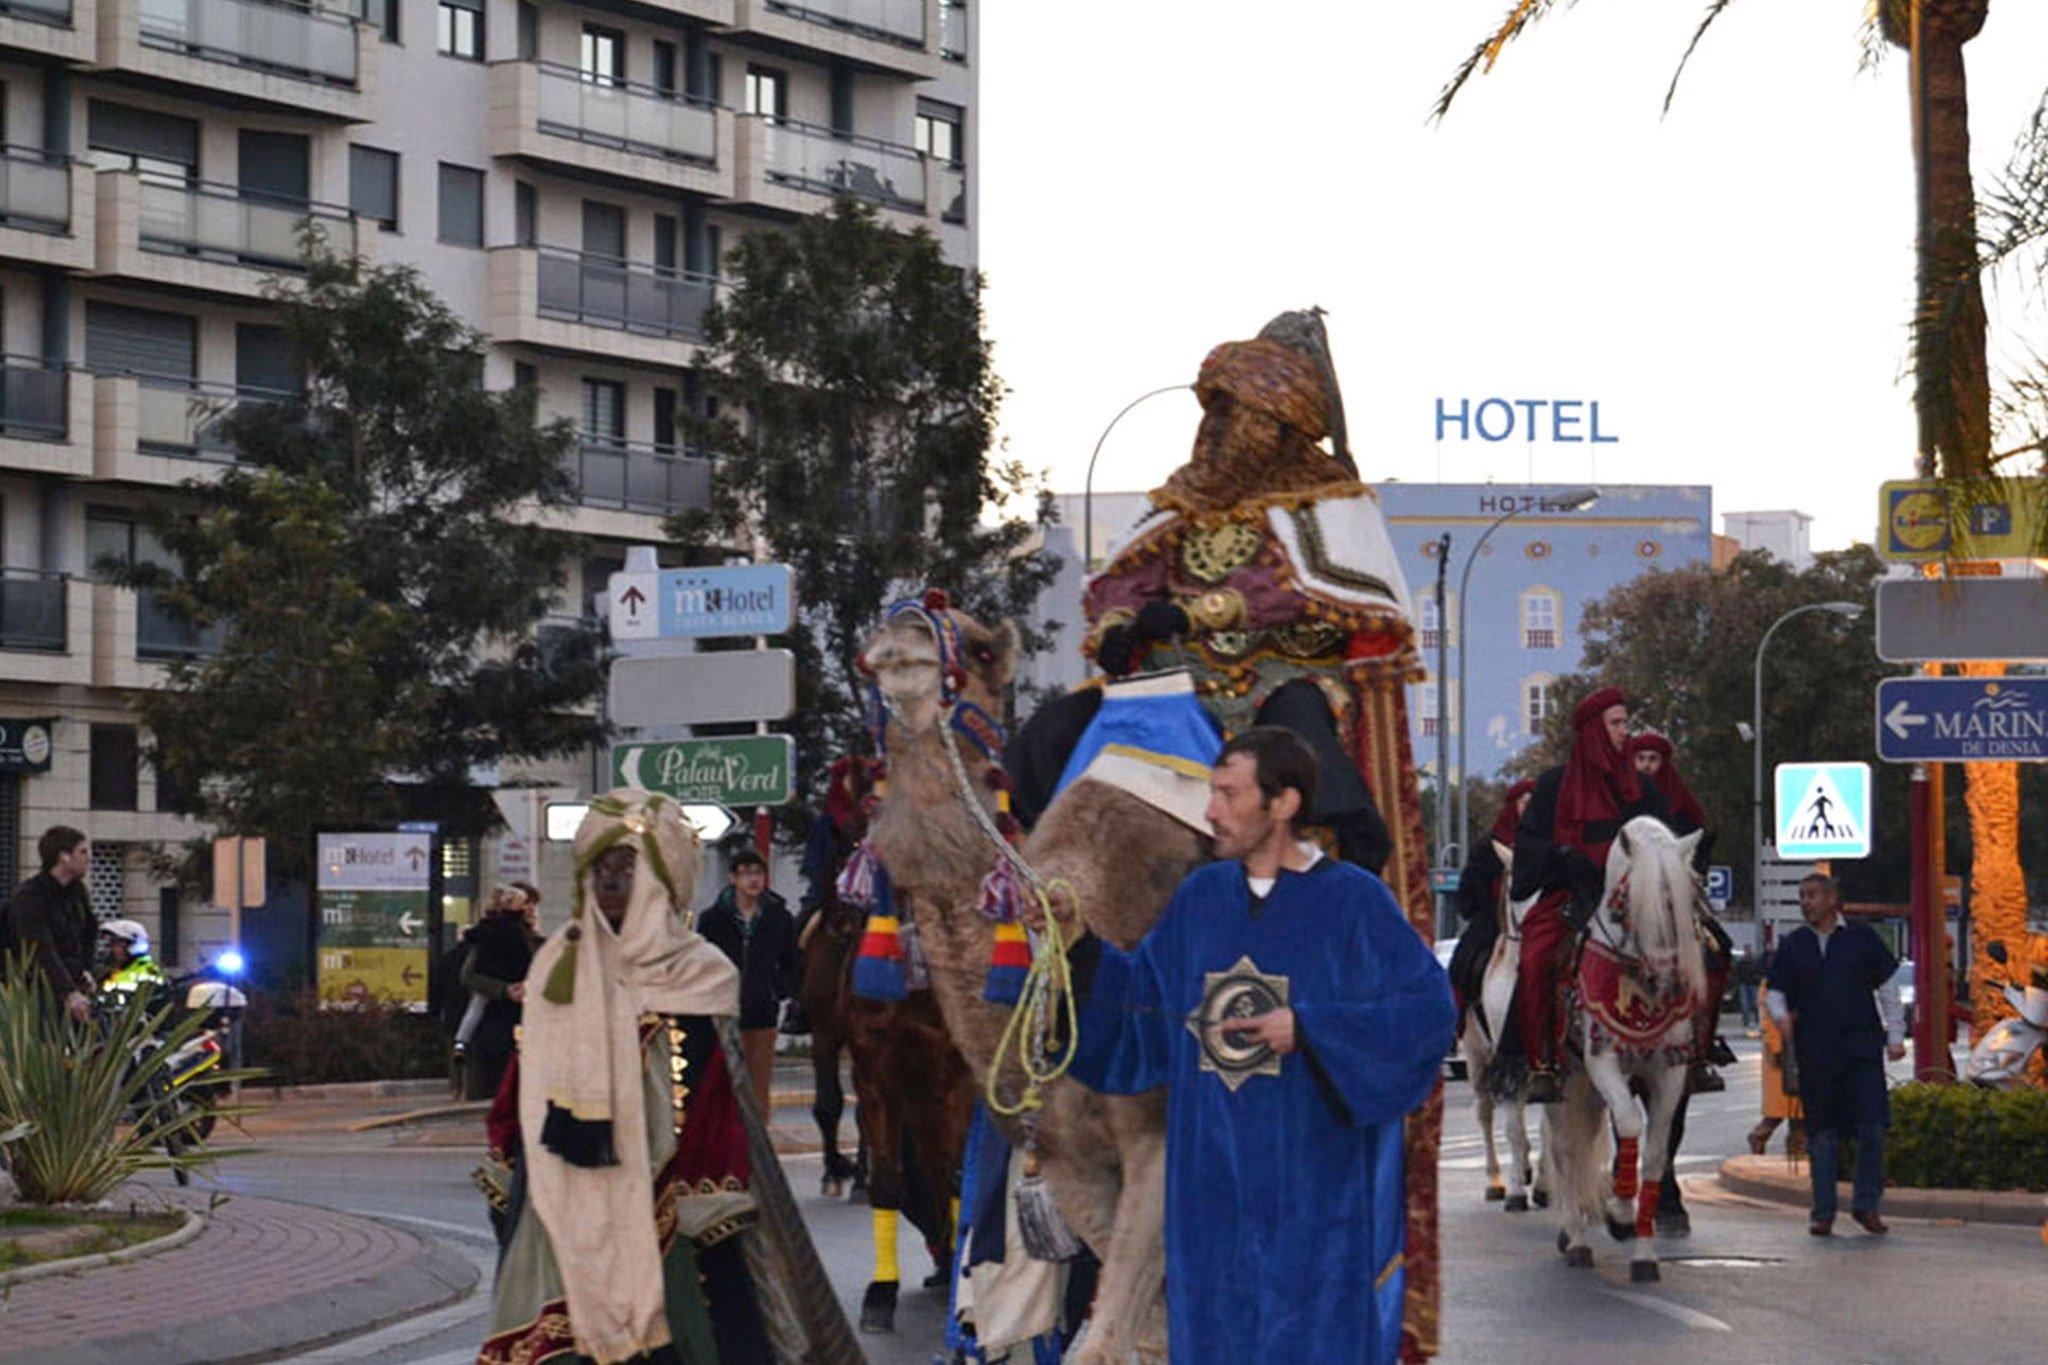 Cabalgata de los Reyes Magos 2015, llegada de los Reyes a camello